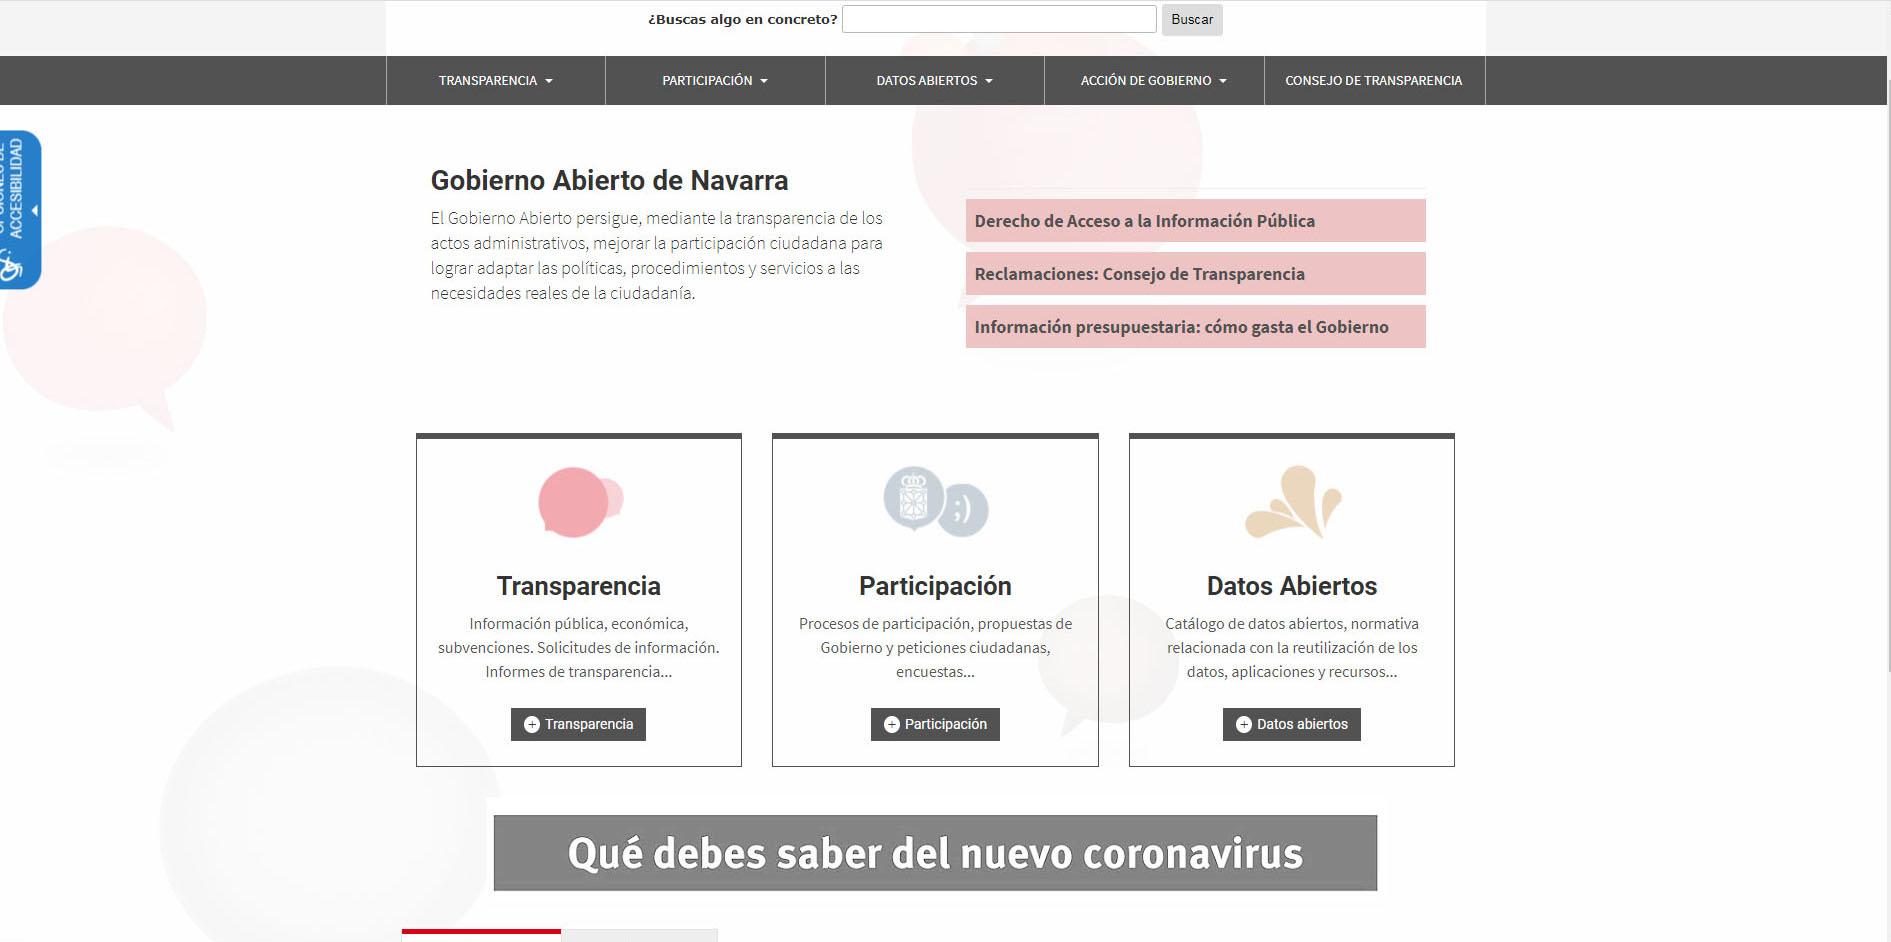 El espacio COVID-19 de la web de Gobierno Abierto recibió más de 700.000 visitas en 2020